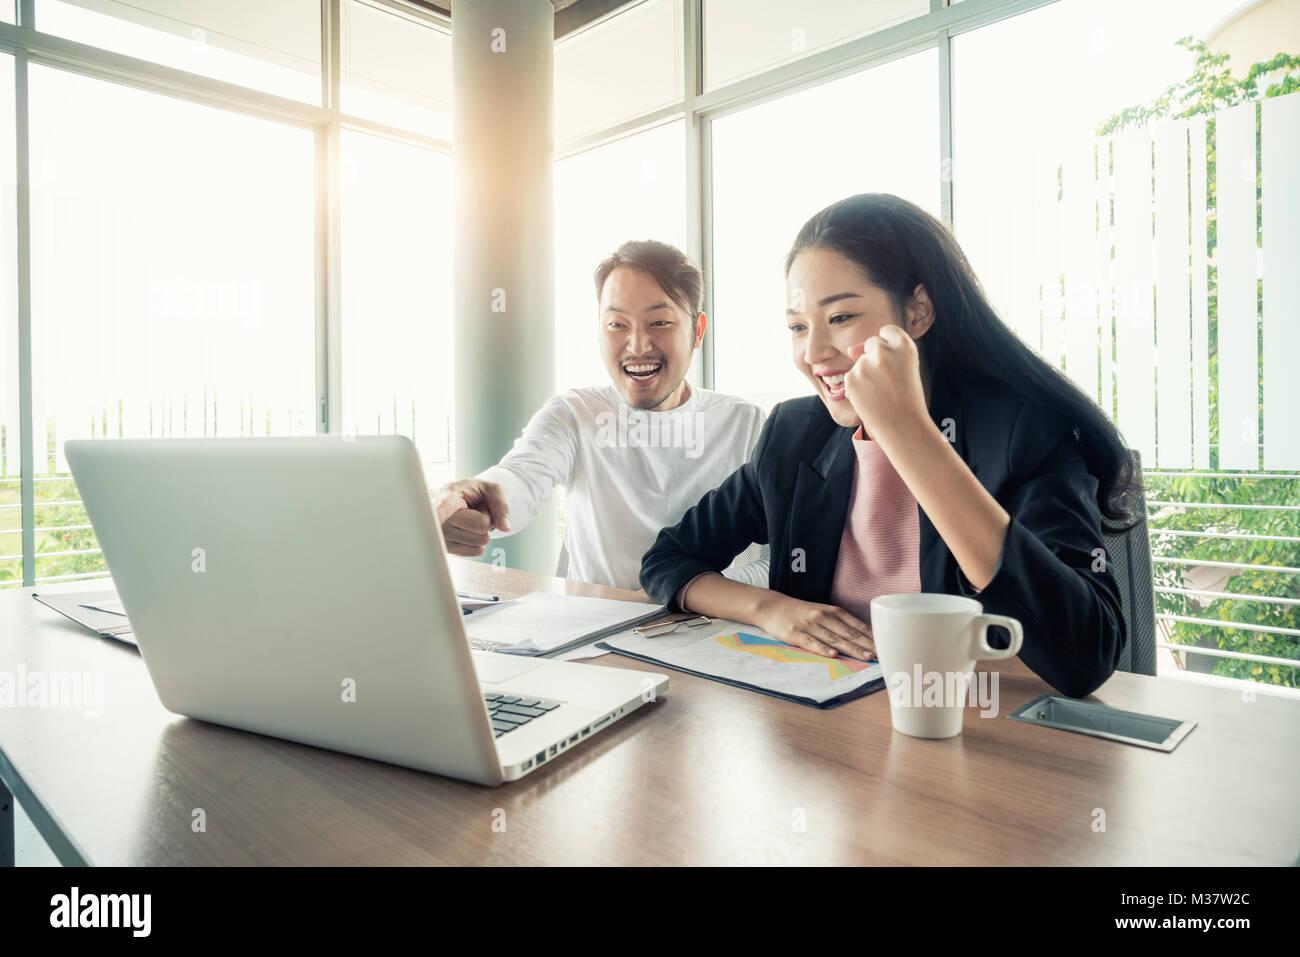 Par de Asia empresarios con traje informal trabaja con acción feliz en concepto de personas de negocio de Office. Imagen De Stock